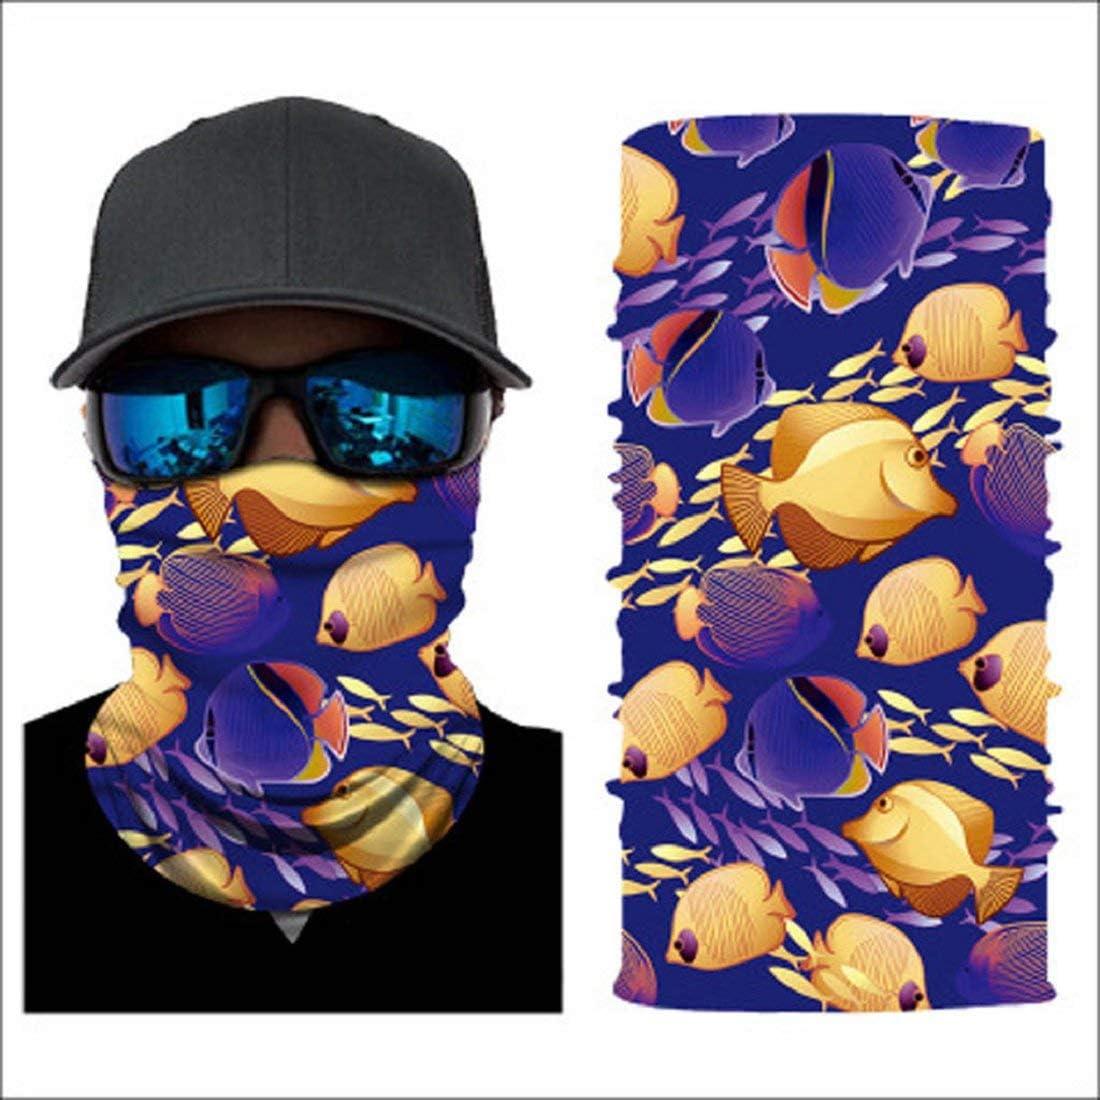 f/ür Damen und Herren ZHIZUN DEELIN Bedrucktes Multifunktionstuch Bandana Halstuch Kopftuch: Face Shield- Material ist flexibel und atmungsaktiv Maske f/ürs Motorrad- Fahrrad- und Skifahren